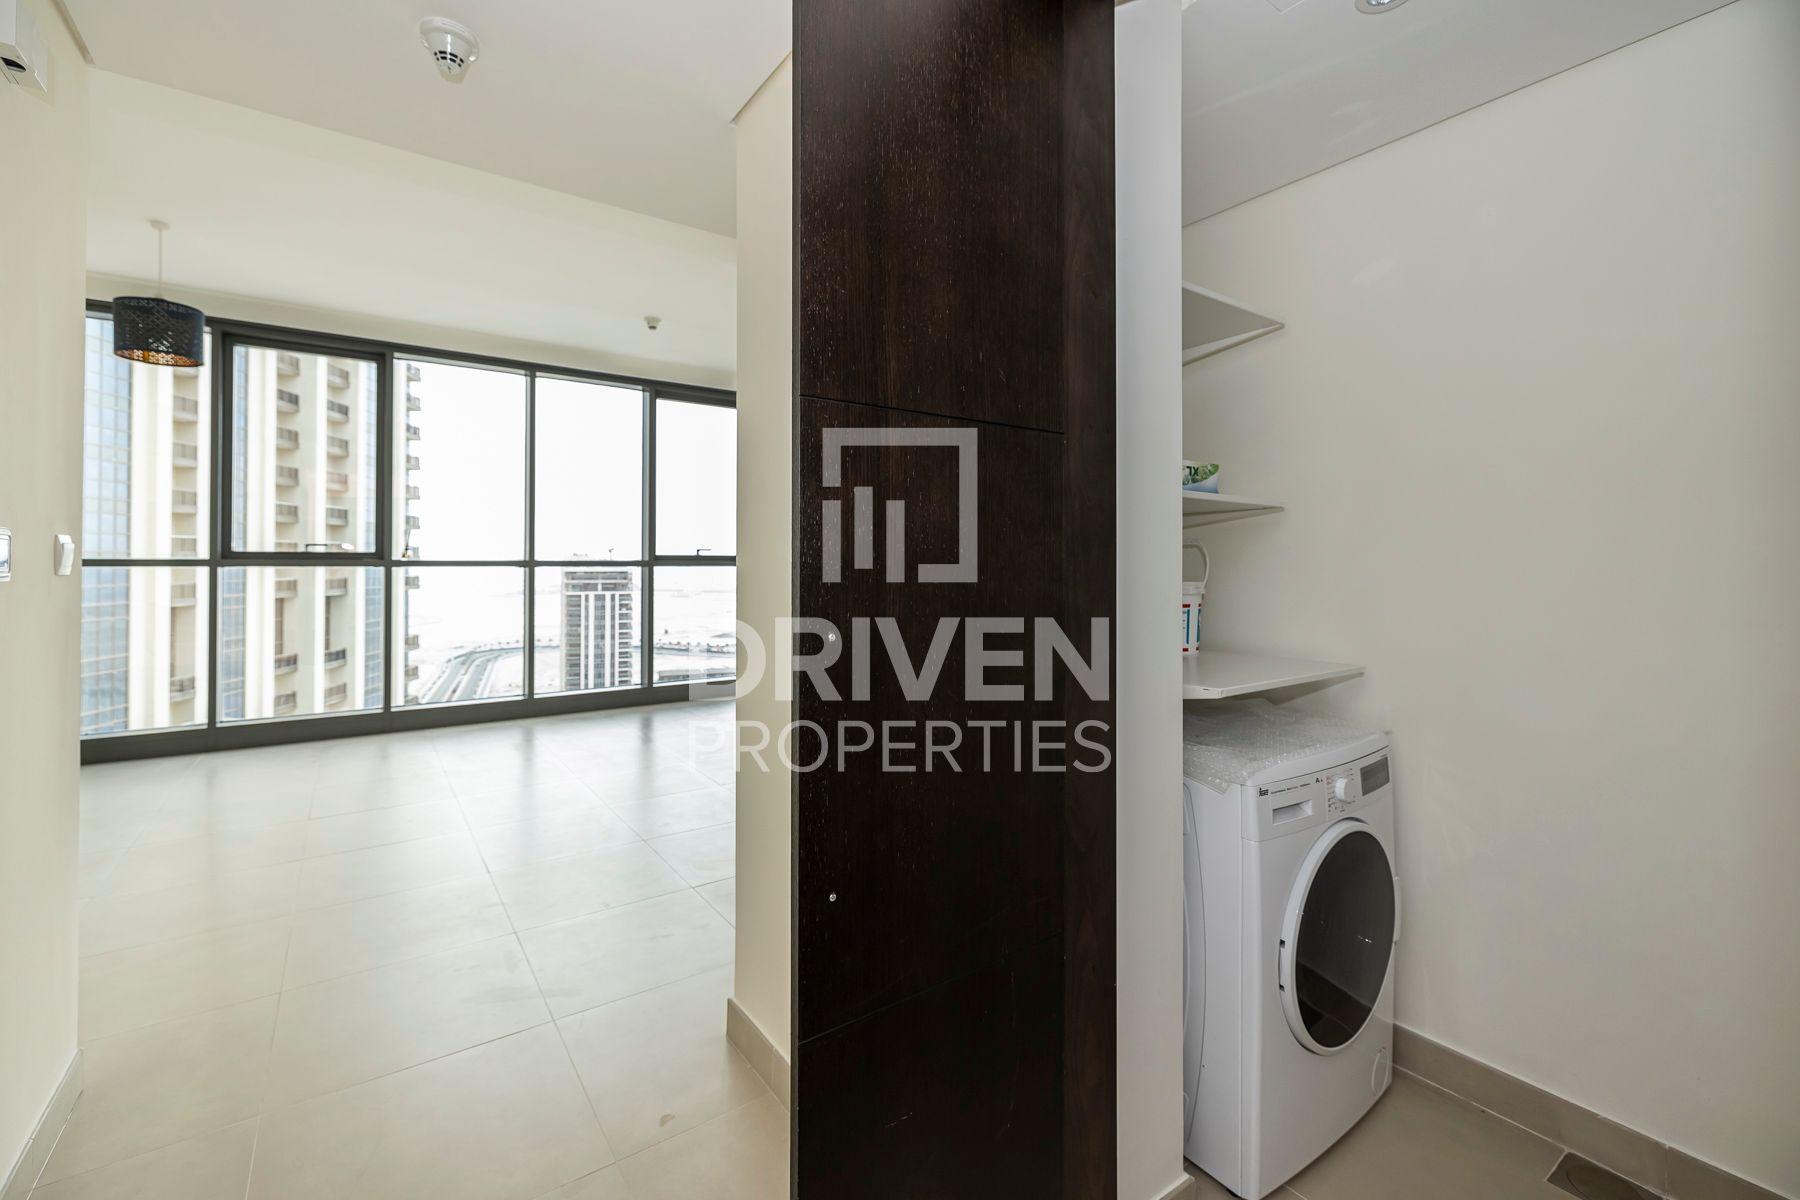 1,021 قدم مربع  شقة - للايجار - ميناء خور دبي